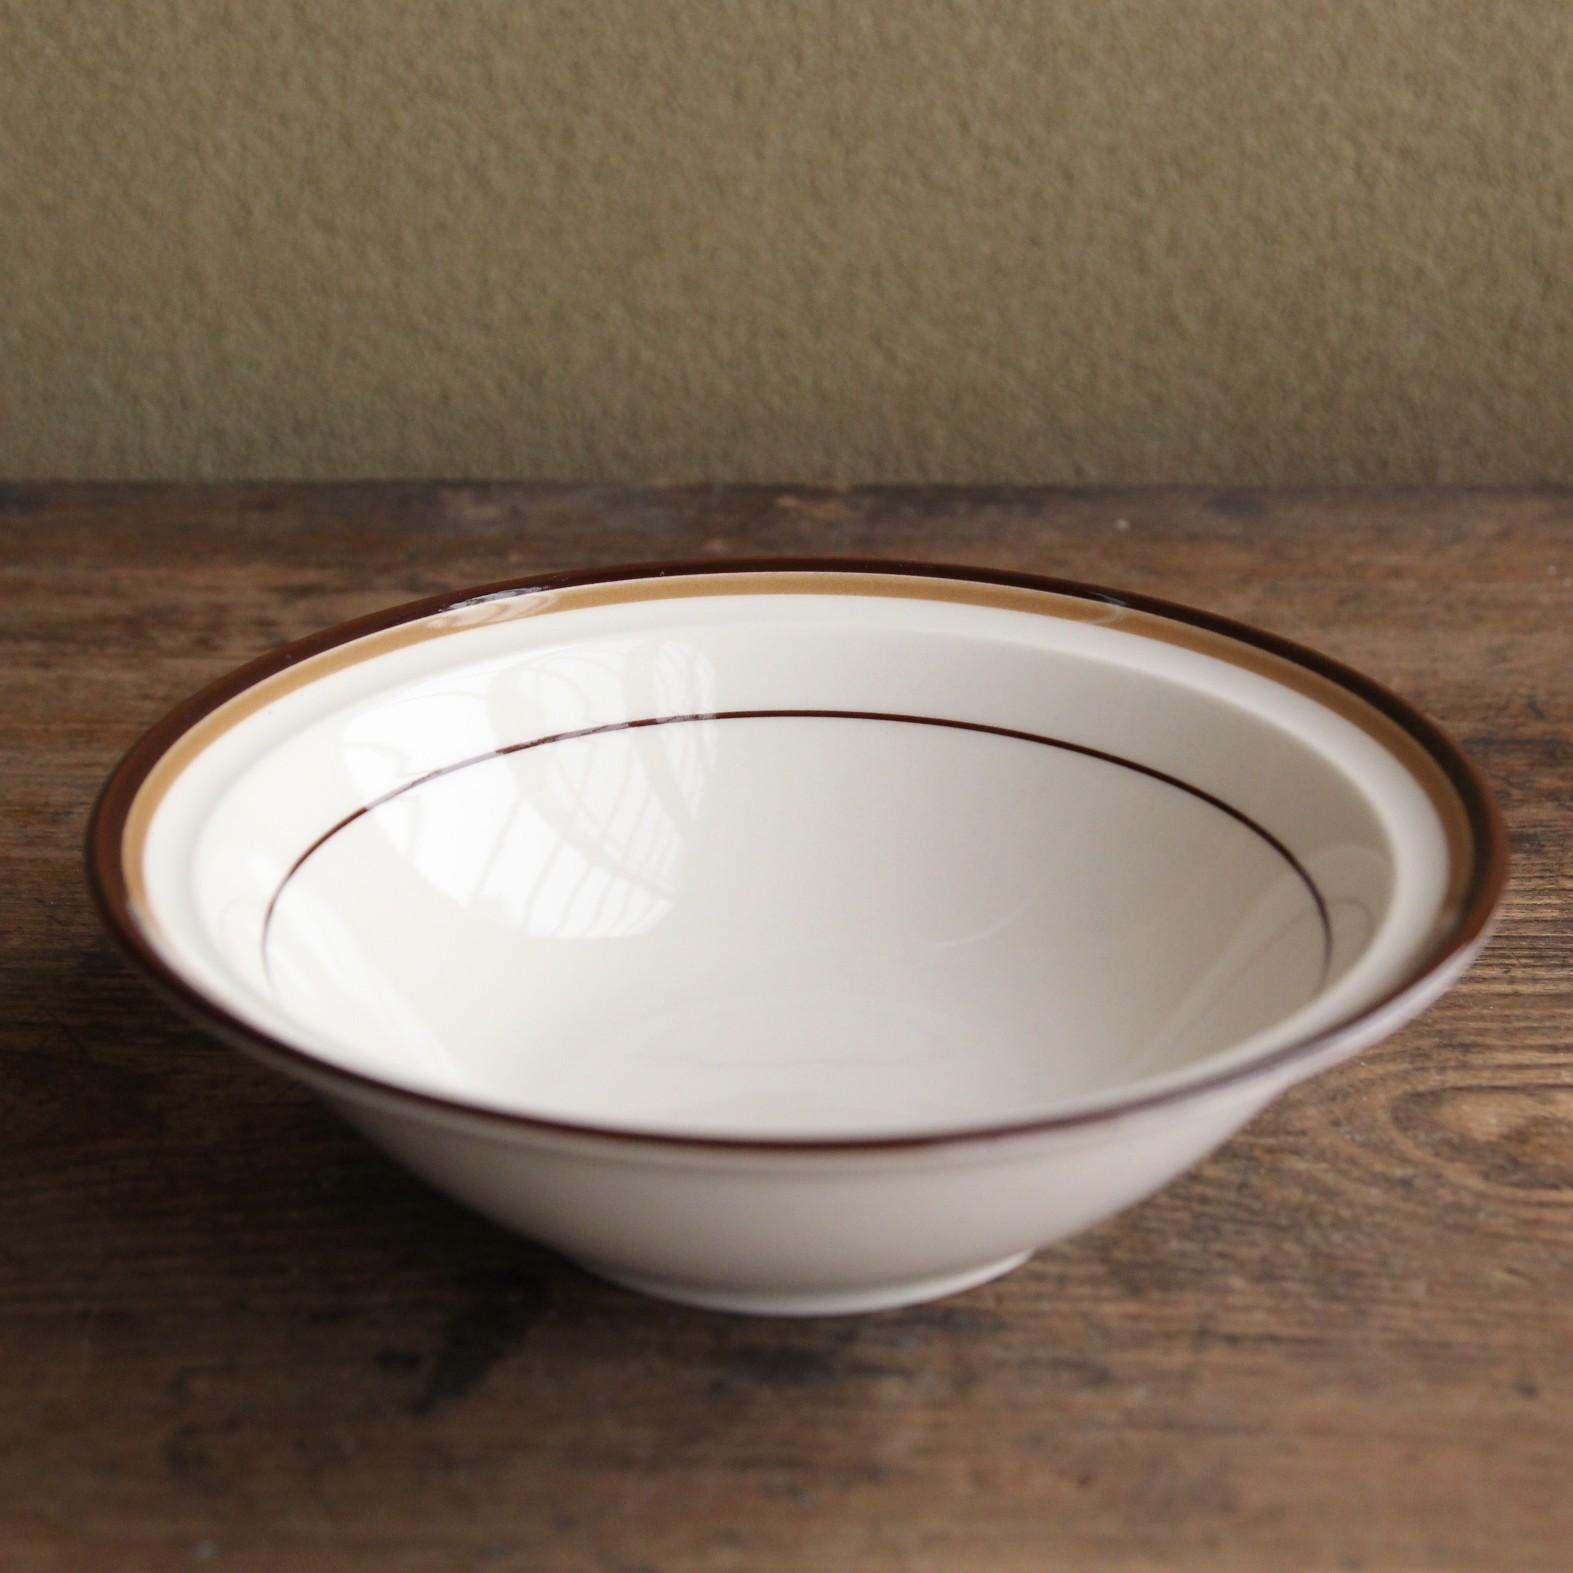 maruta 茶と黄土色ラインのボウル皿 在庫3枚